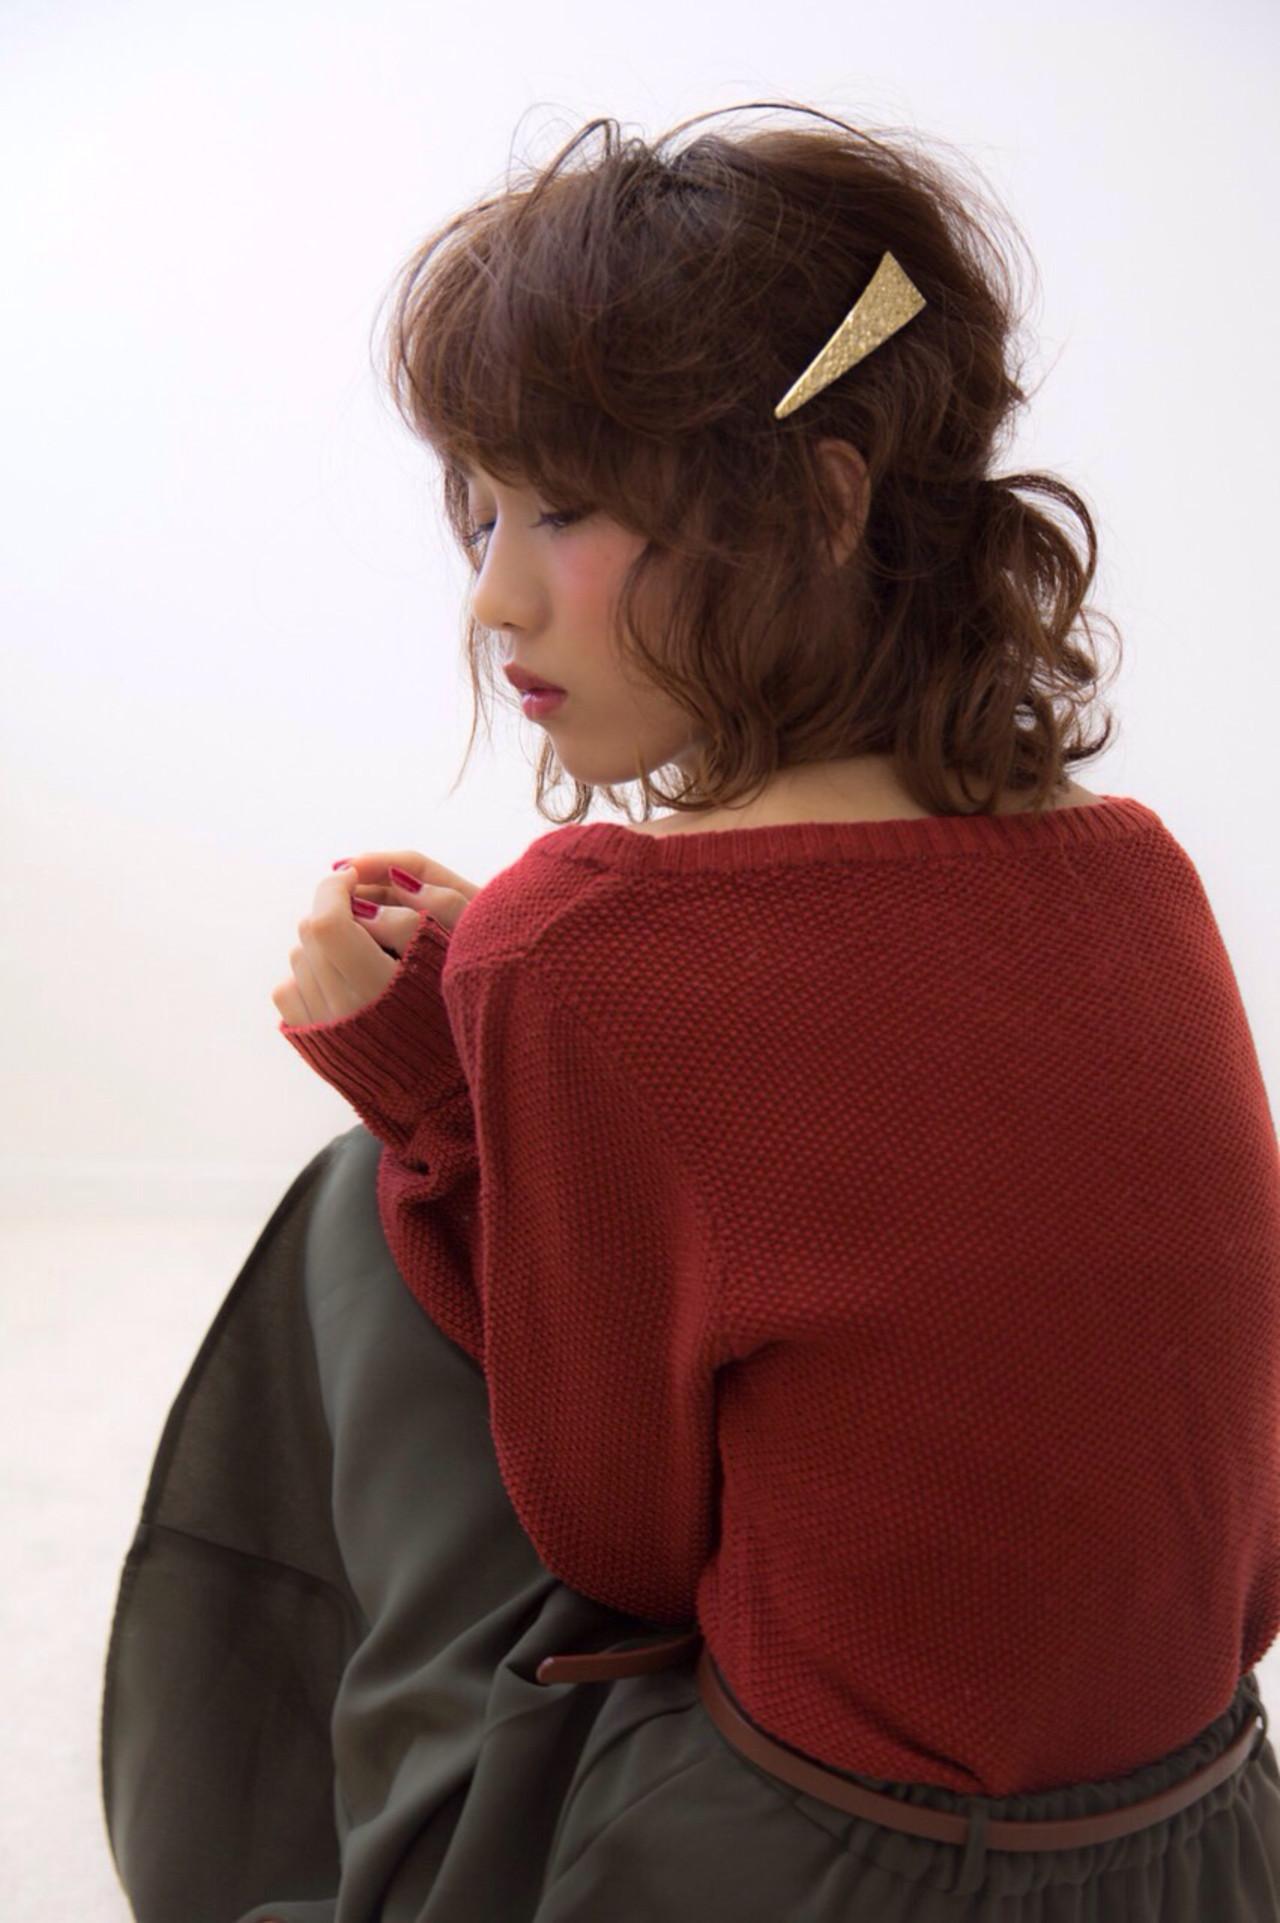 ゆるふわ バレッタ ヘアアレンジ 大人かわいい ヘアスタイルや髪型の写真・画像